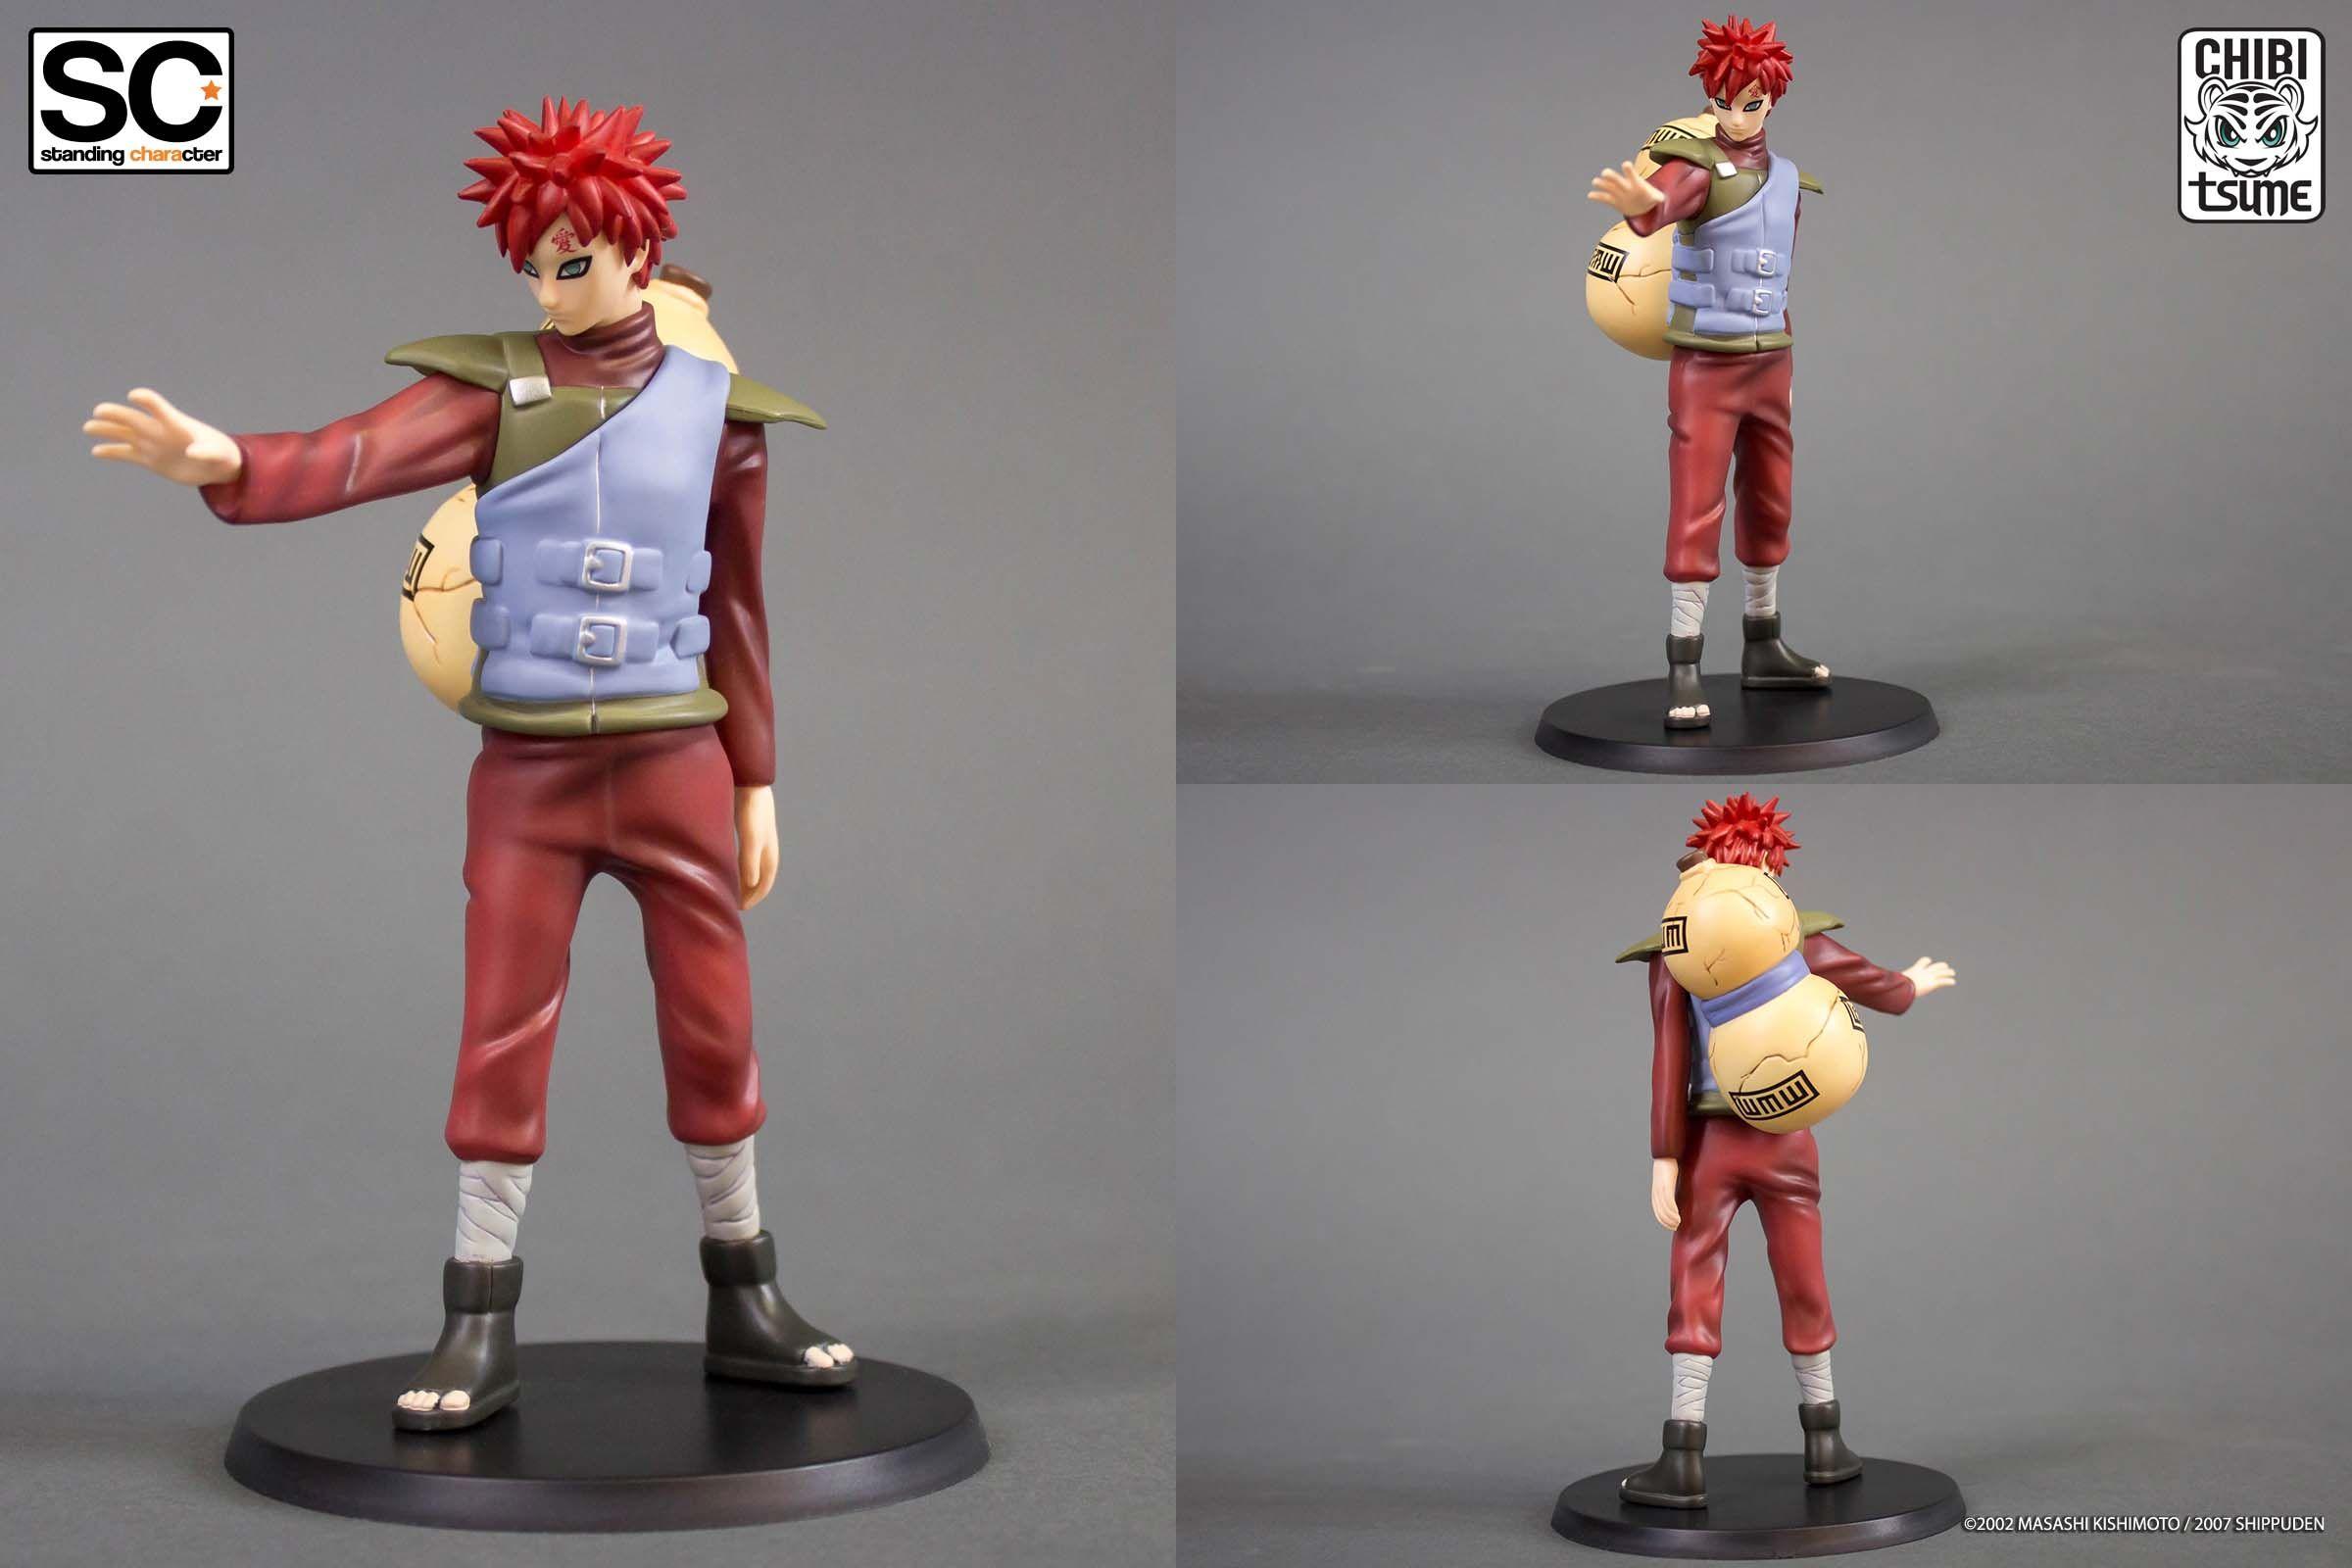 goodie - Gaara - SC - Standing Characters - Tsume